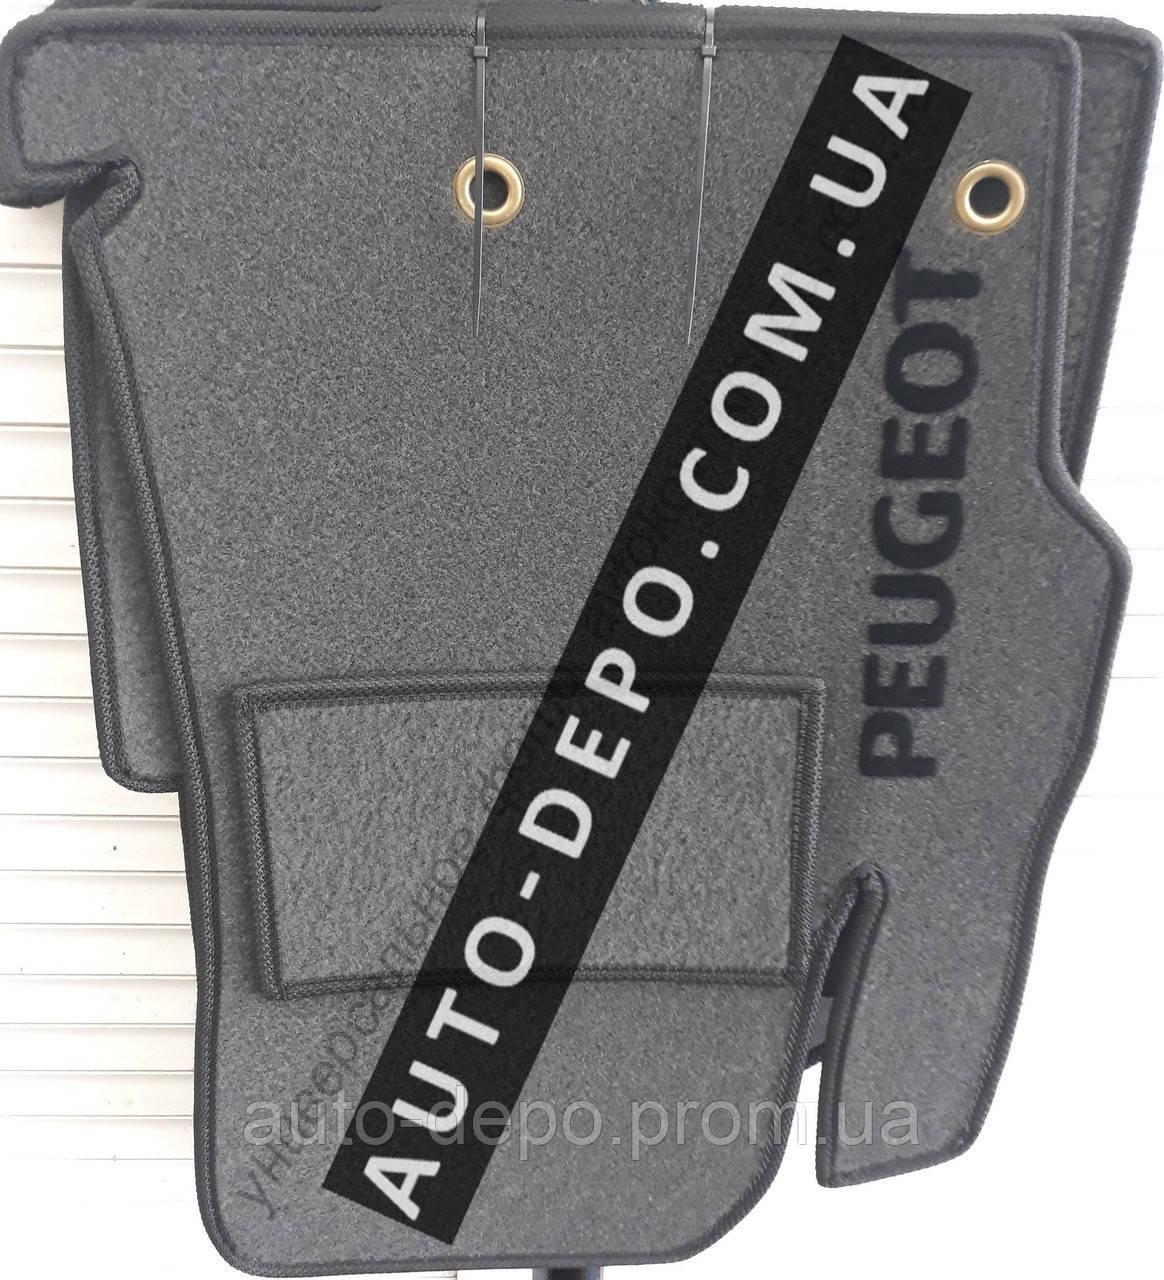 Ворсовые коврики салона Peugeot 207 2006- VIP ЛЮКС АВТО-ВОРС